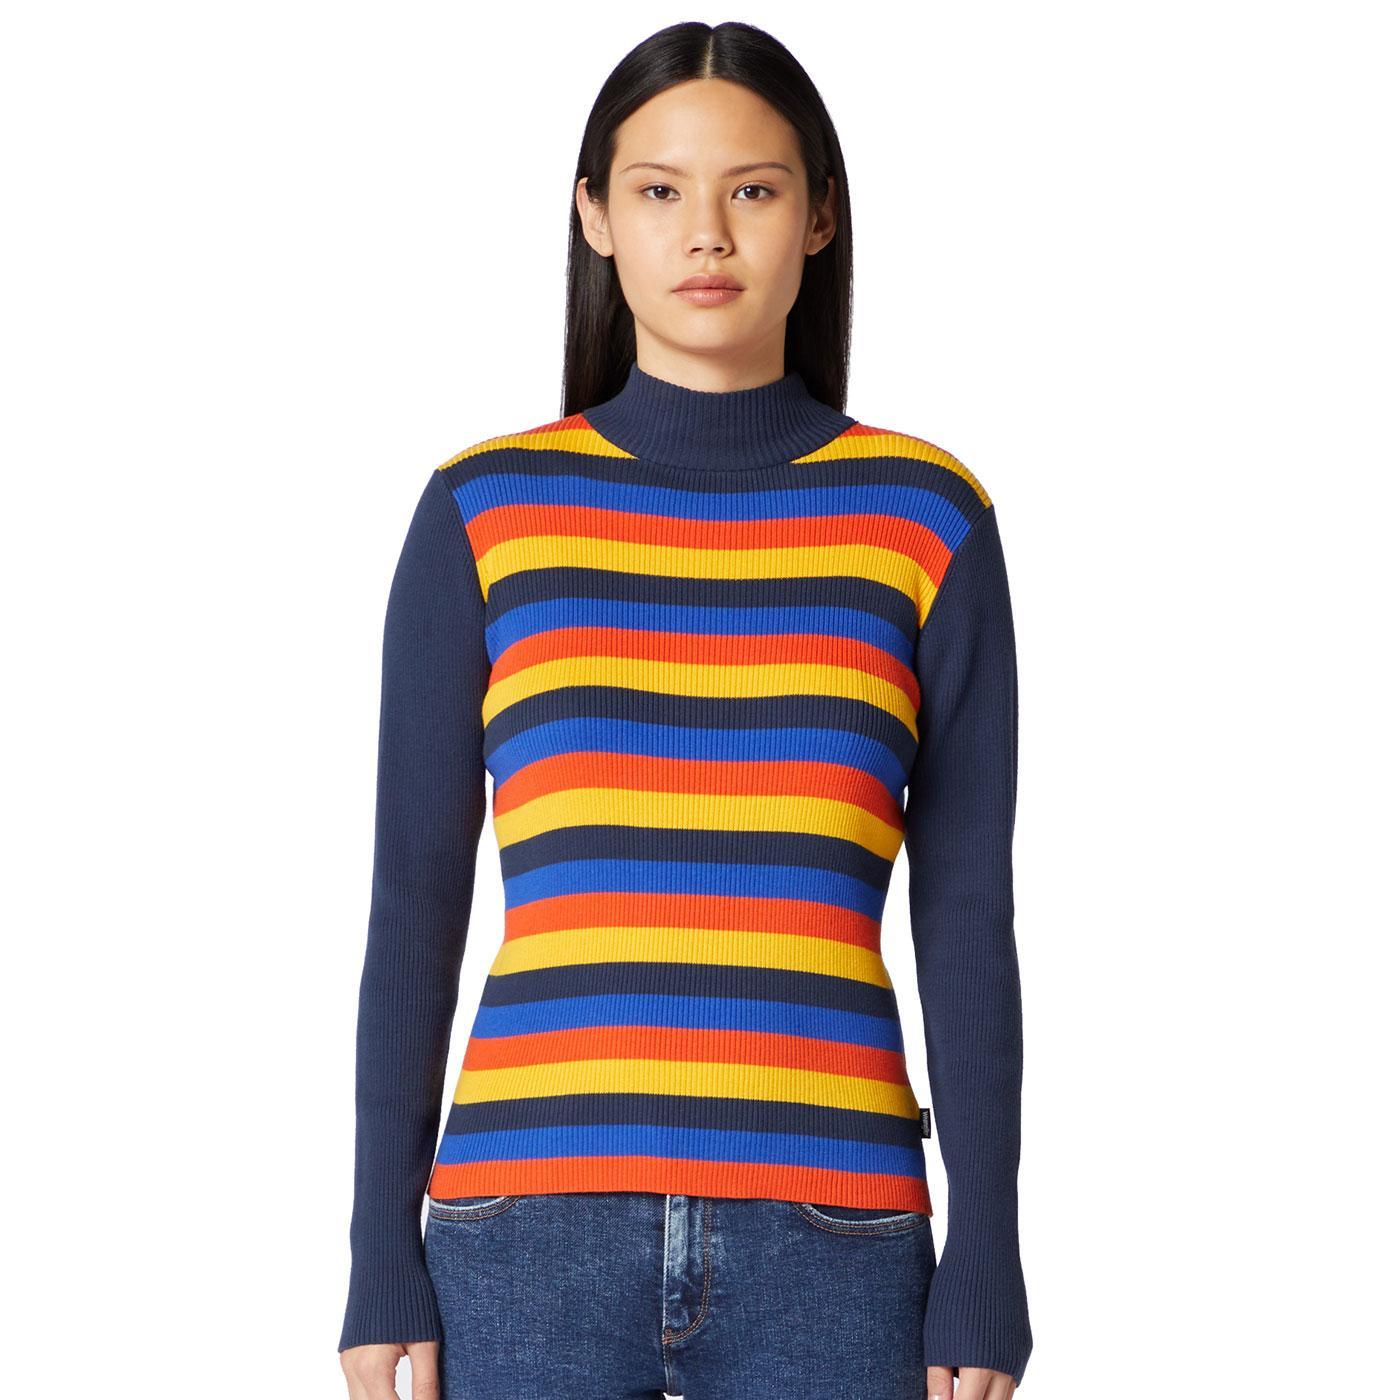 WRANGLER Women's High Neck Knitted Ribbed Jumper N